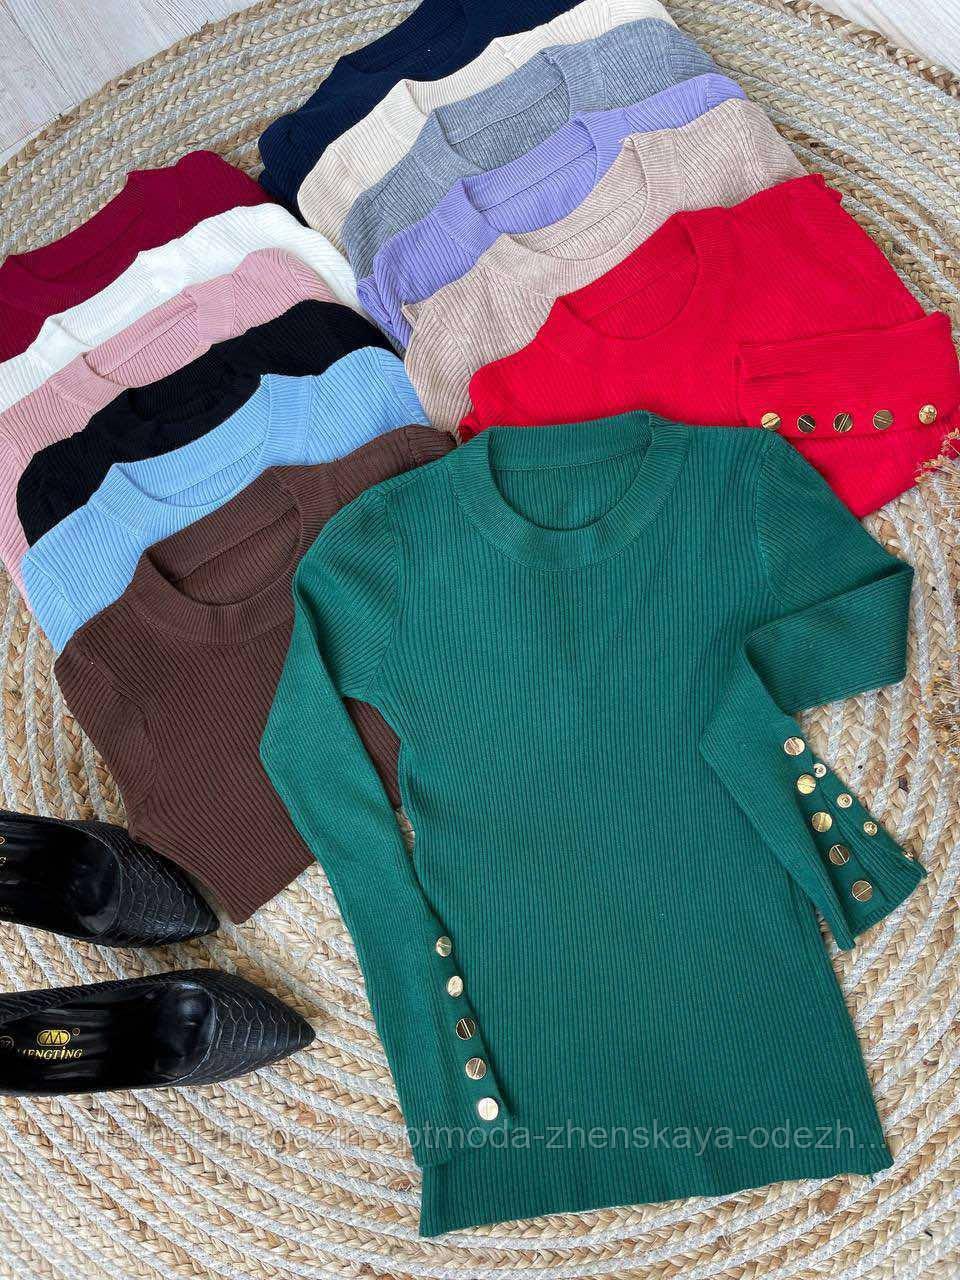 Повседневная женская кофта с пуговками на рукавах. Модная женская одежда